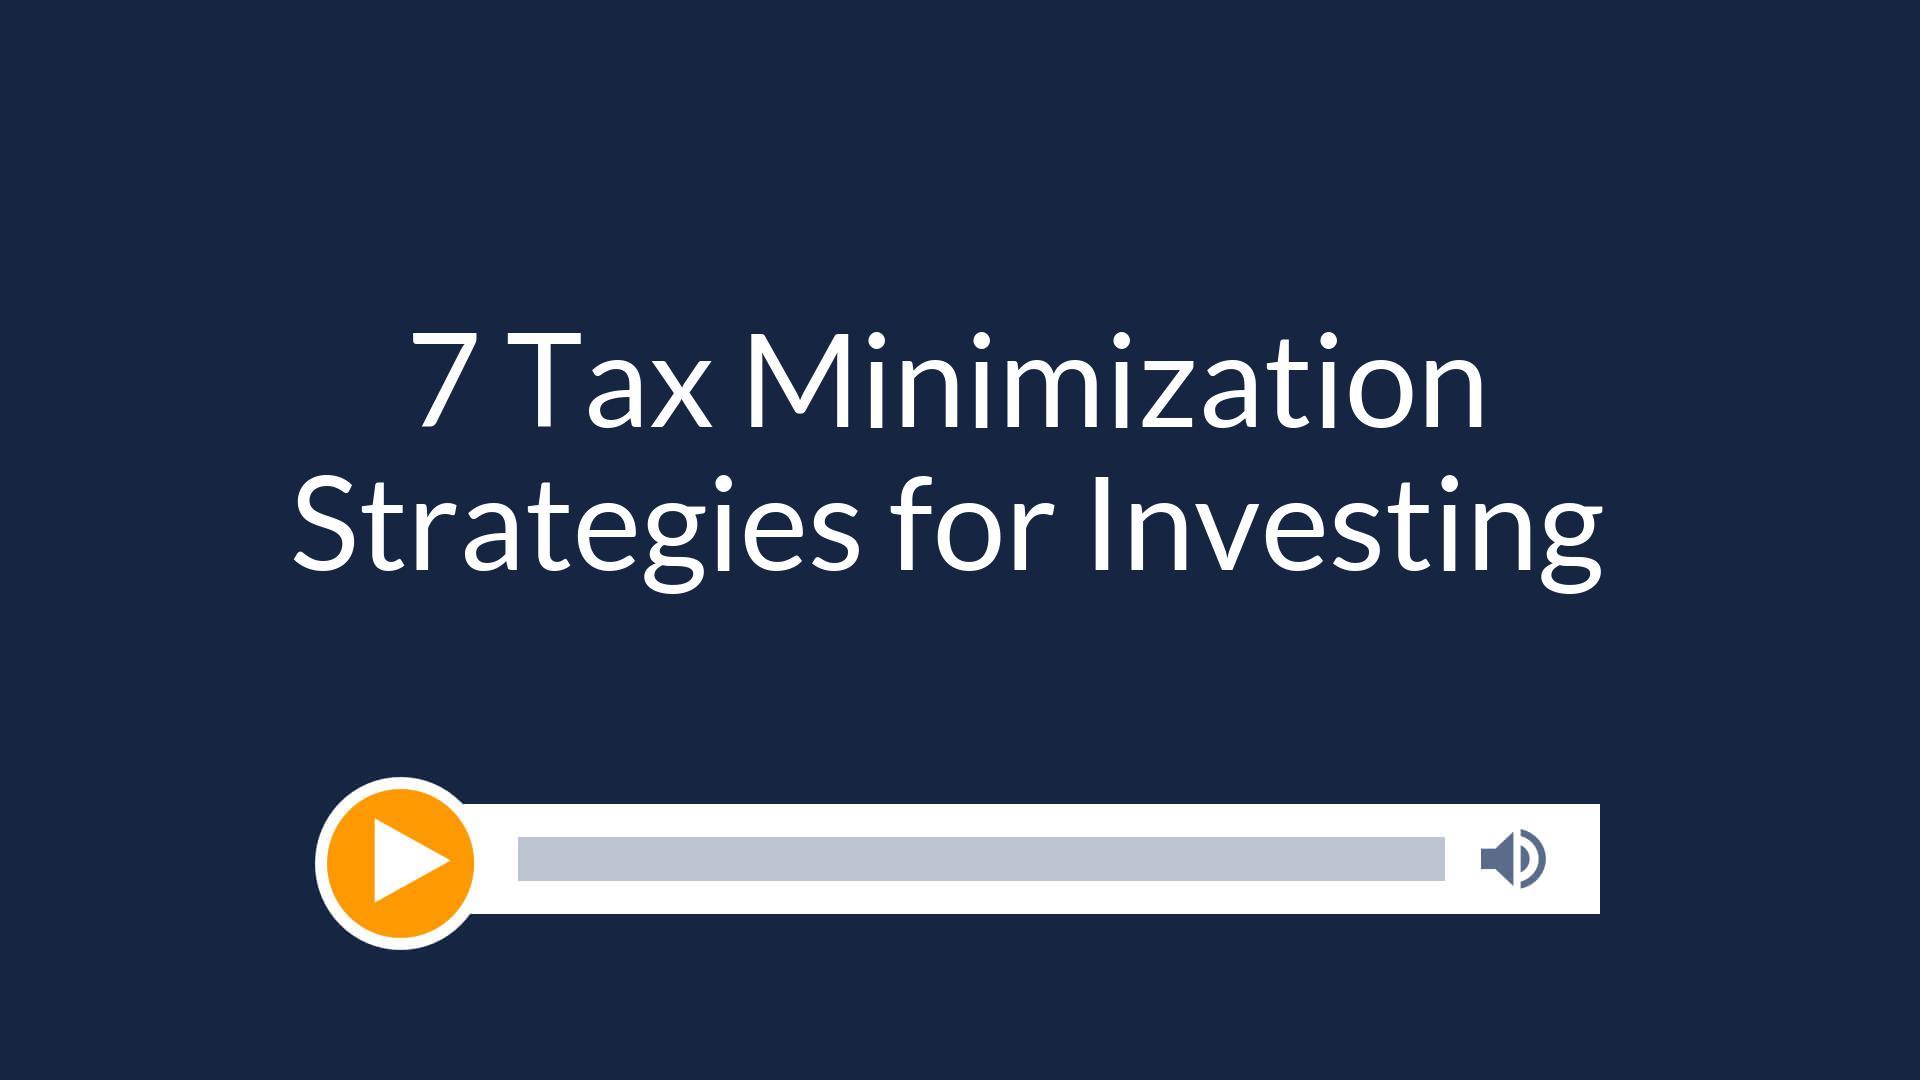 7 Tax Minimization Strategies for Investing